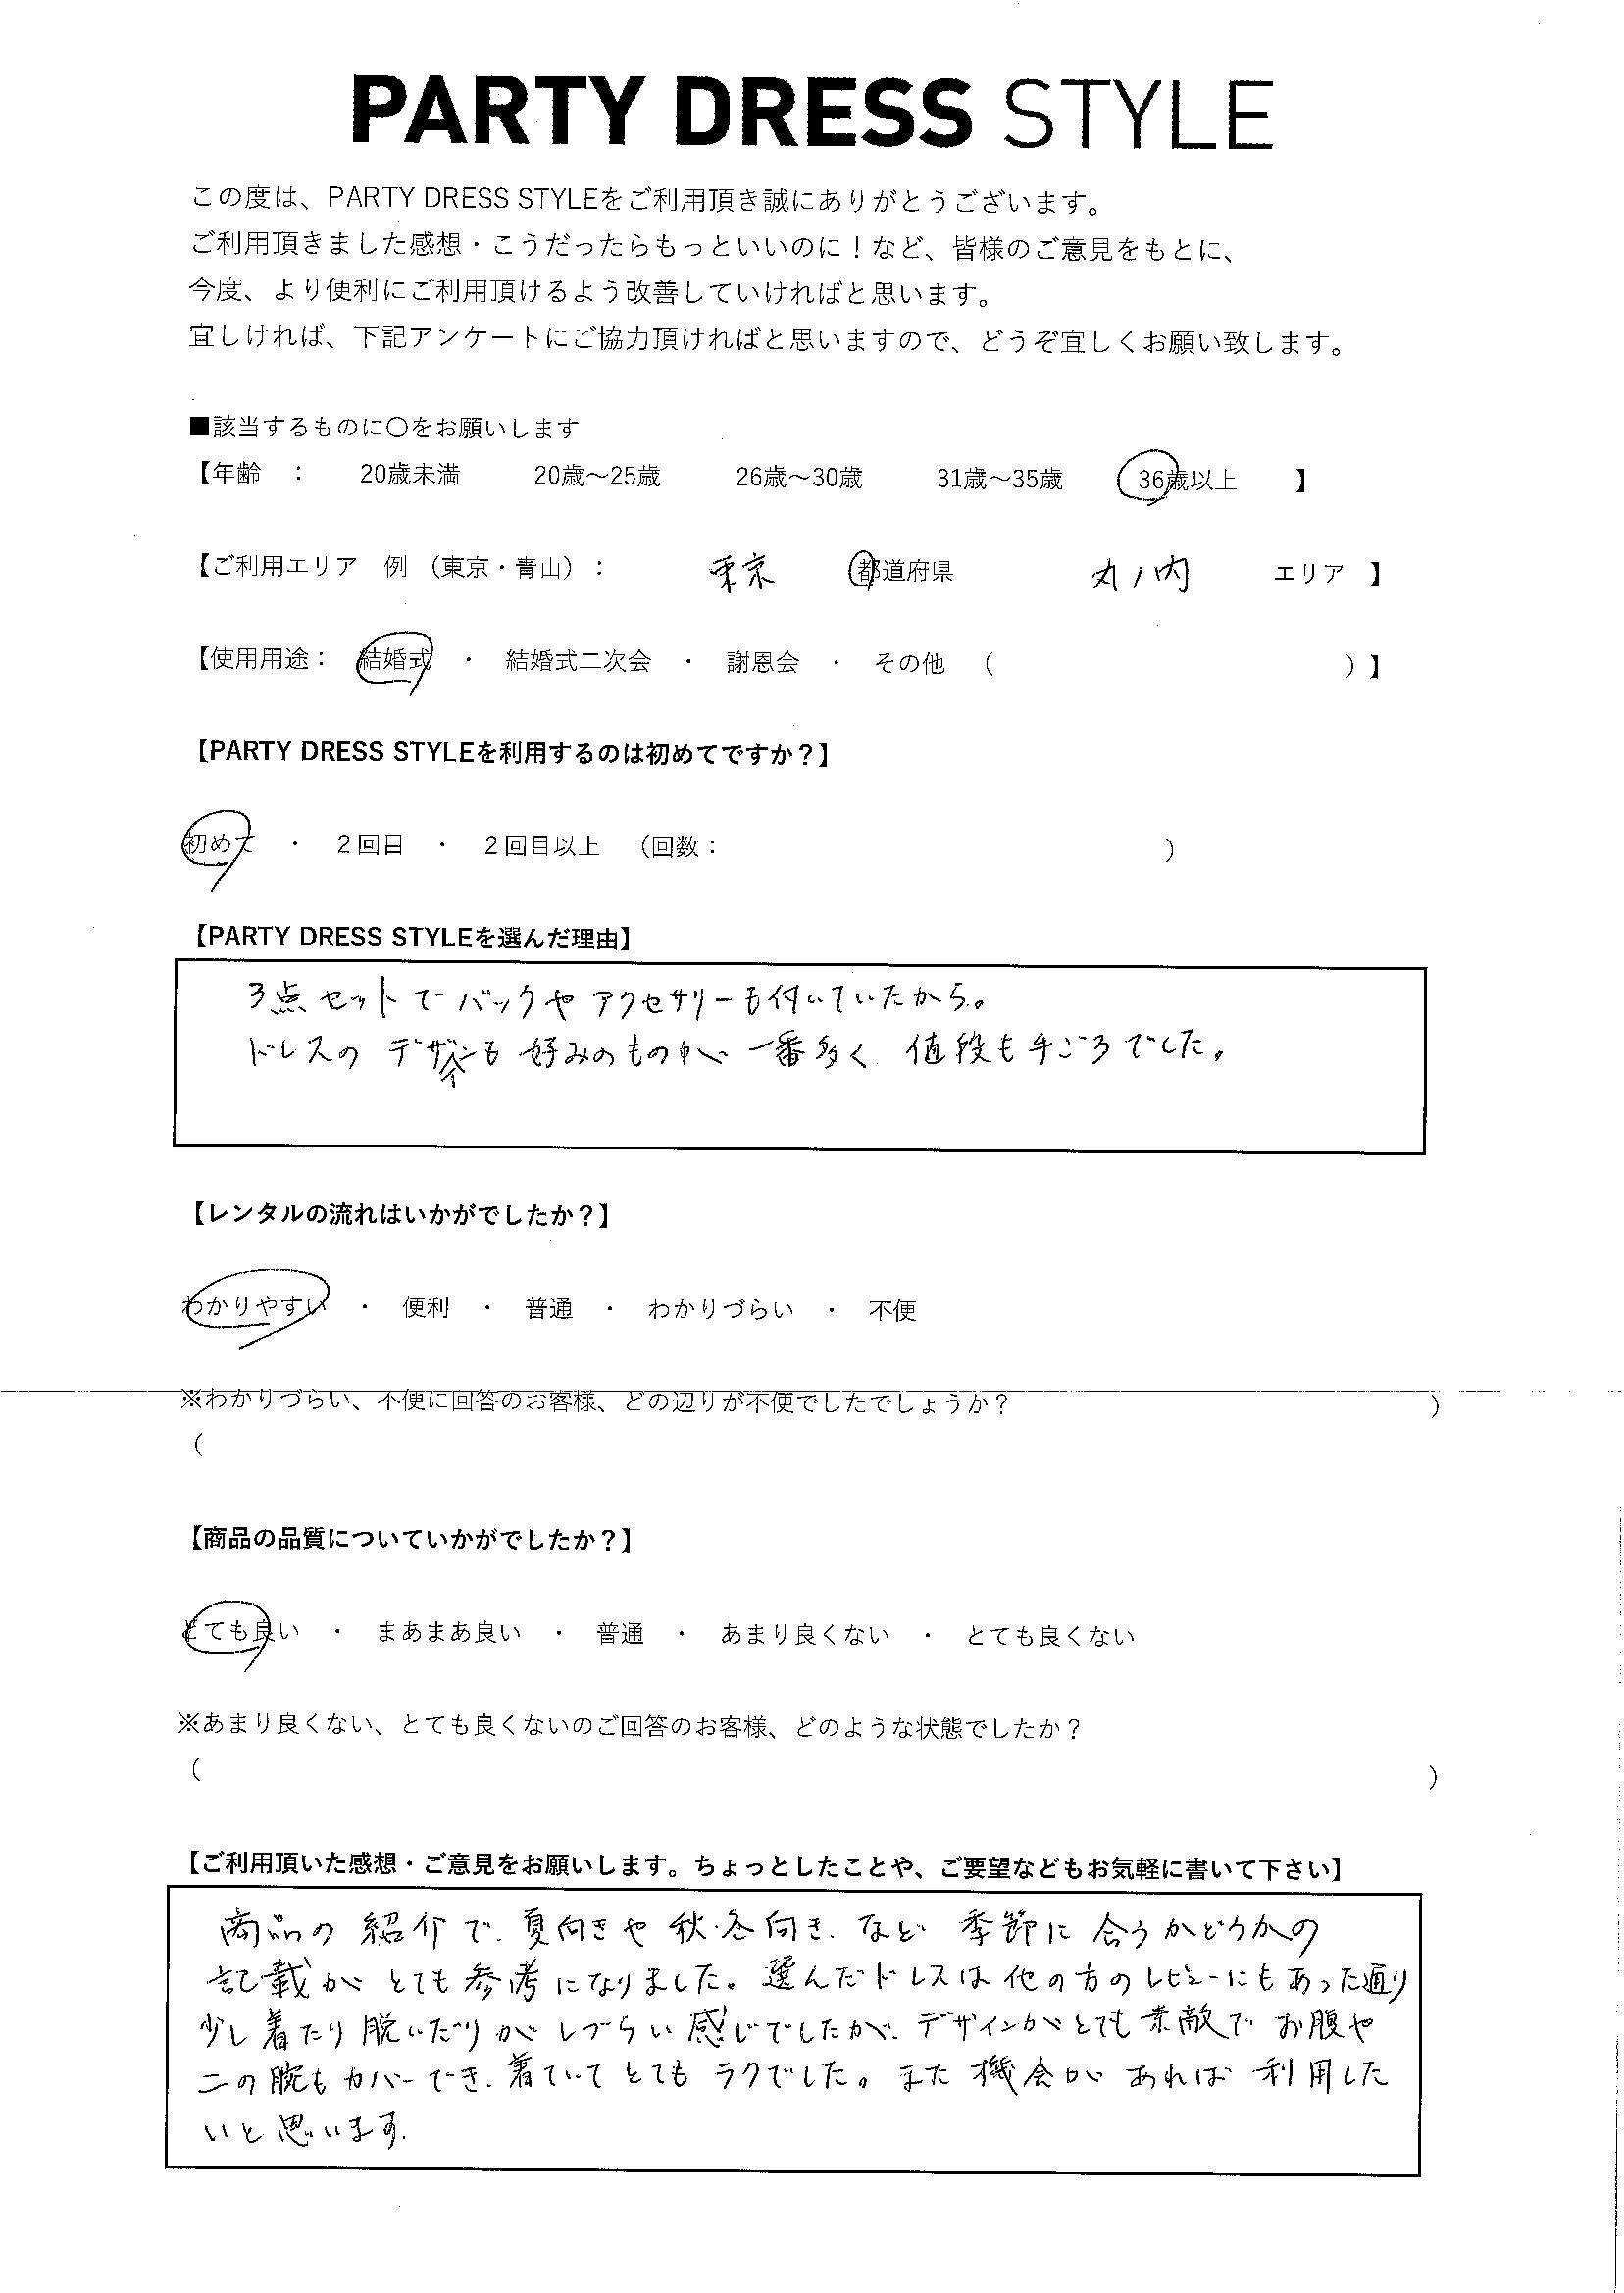 6/30結婚式 東京都・丸の内エリア